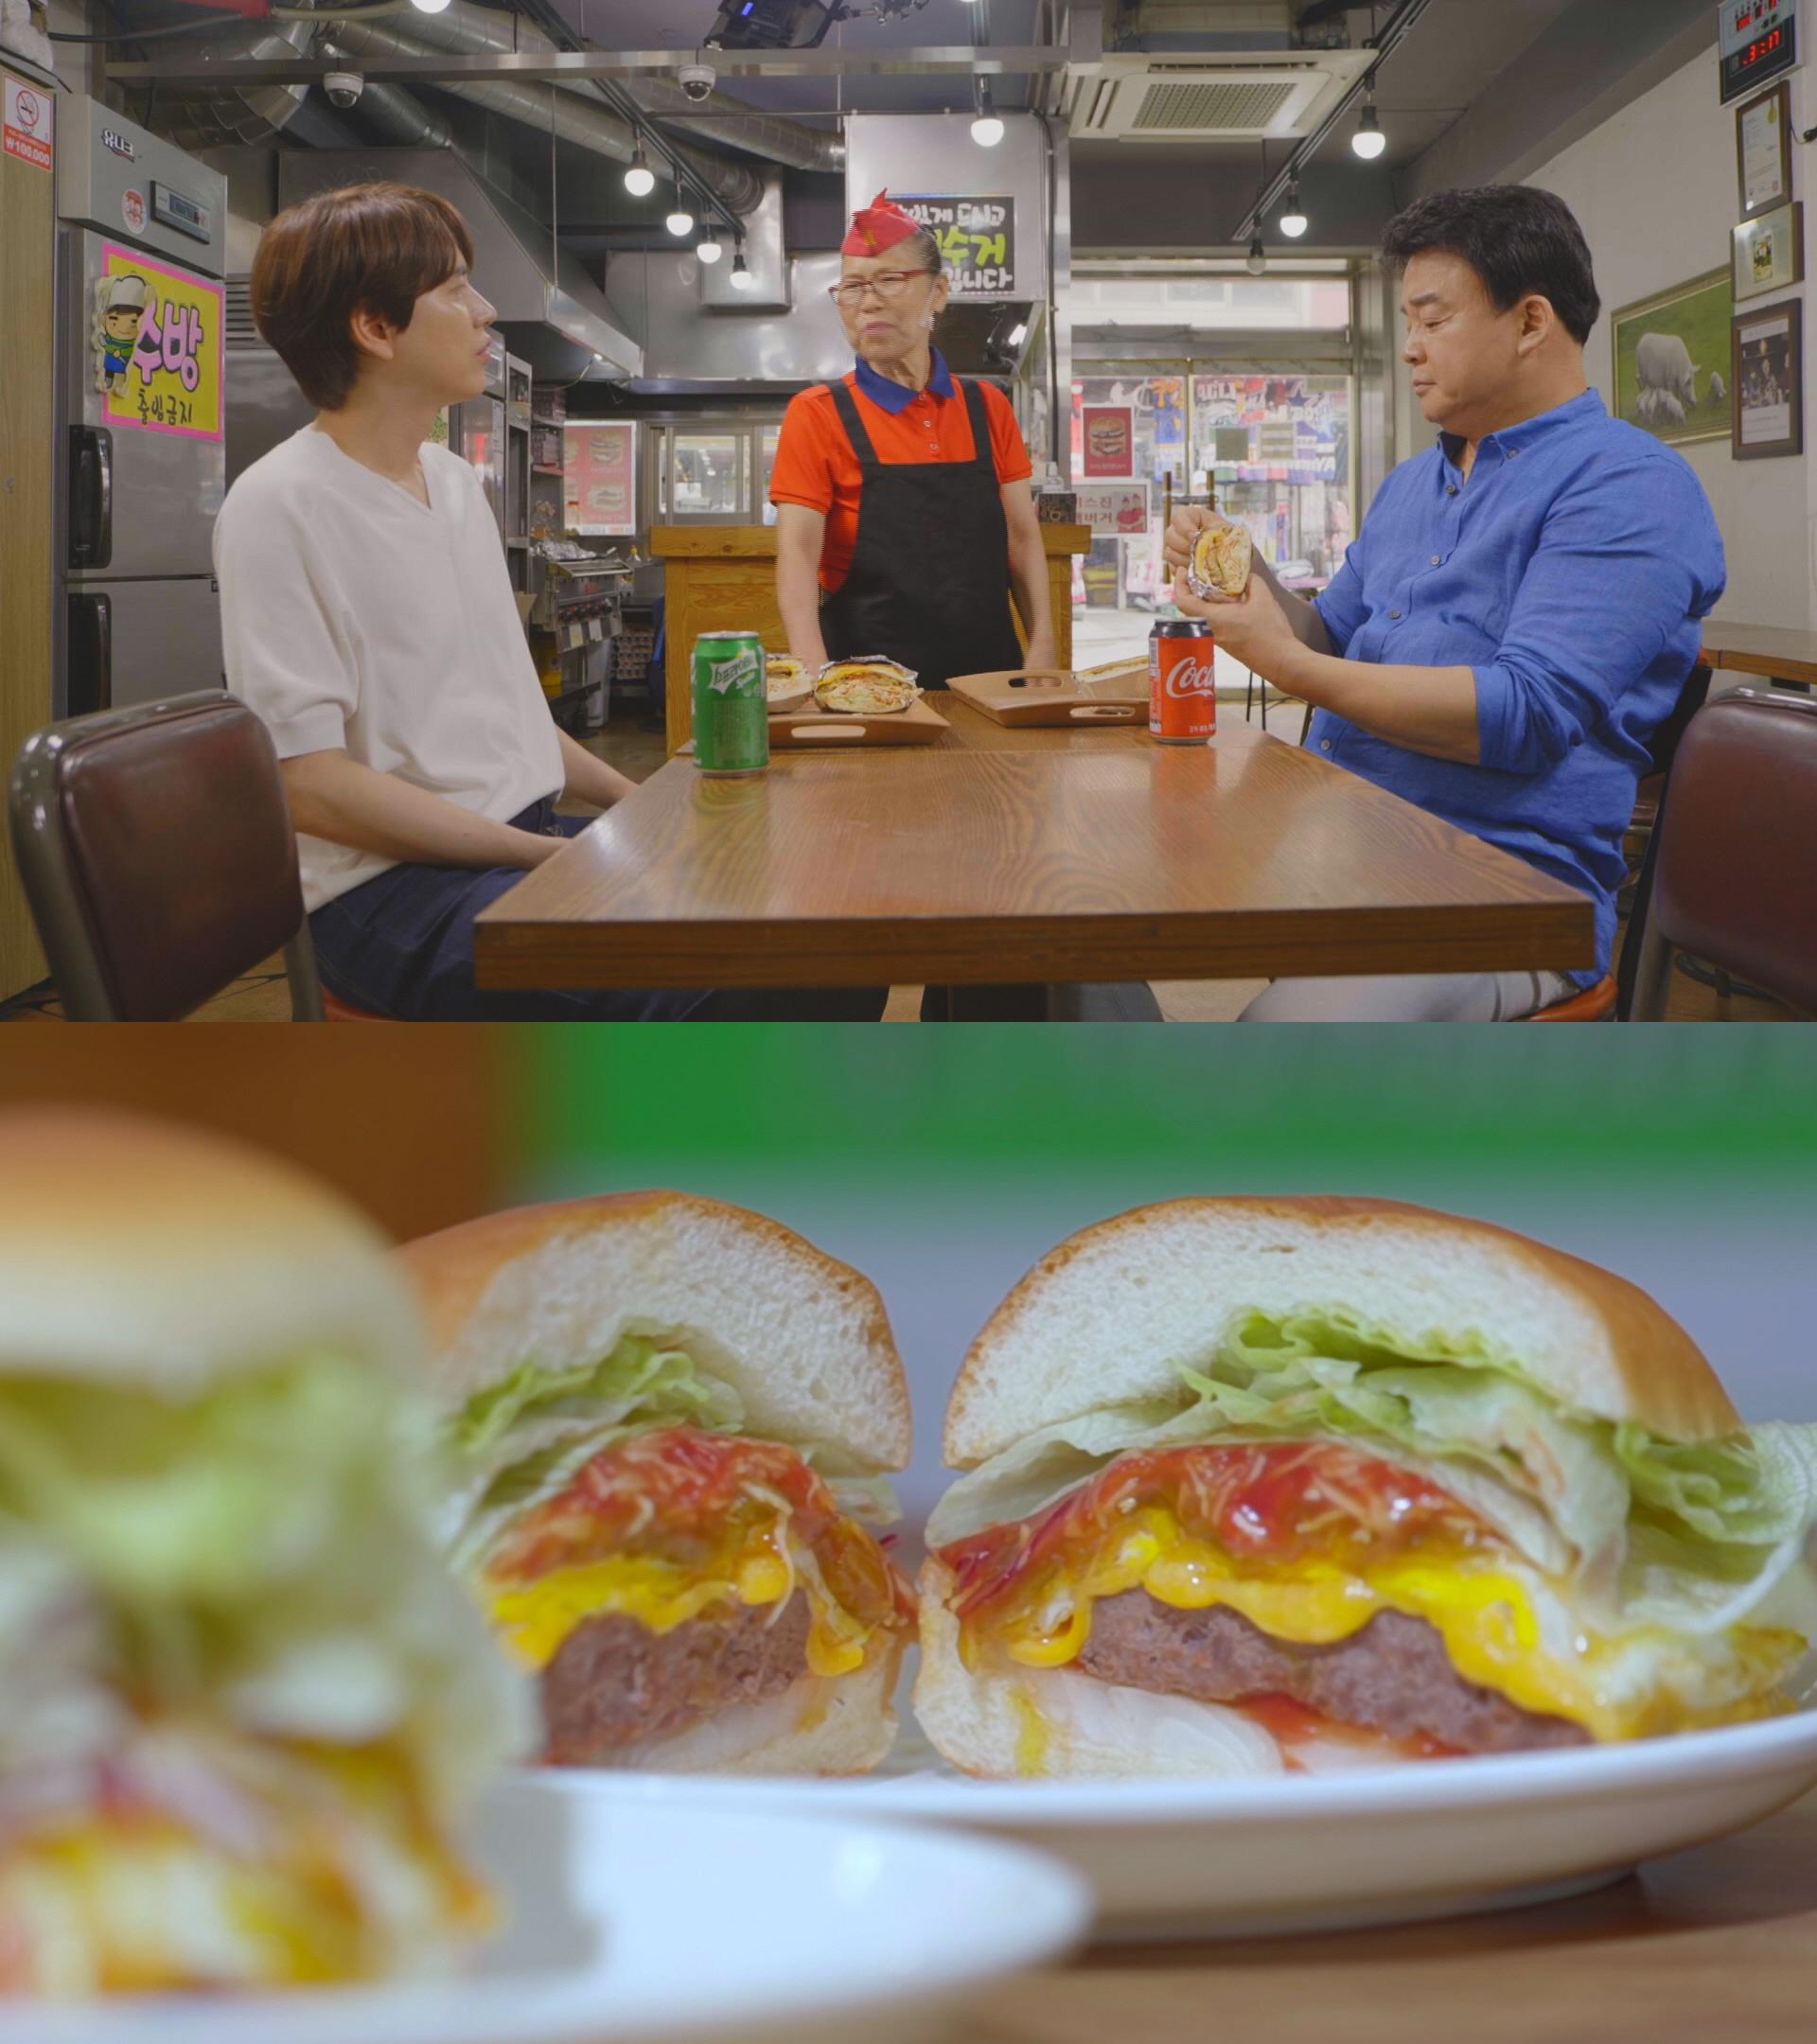 '백종원의 국민음식' 규현, 한국식 햄버거 패티 정체에 충격